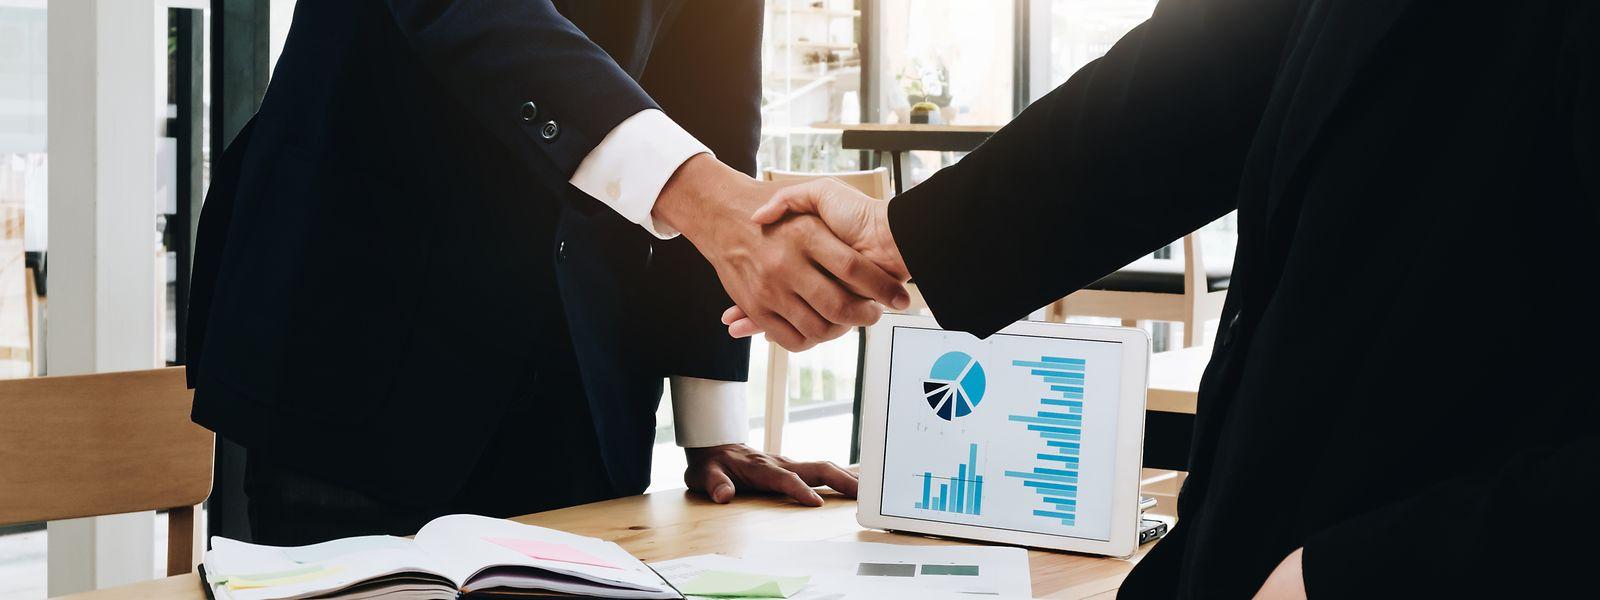 Viele Übernahmen scheitern im Fusionsfieber an den Unternehmenskulturen.